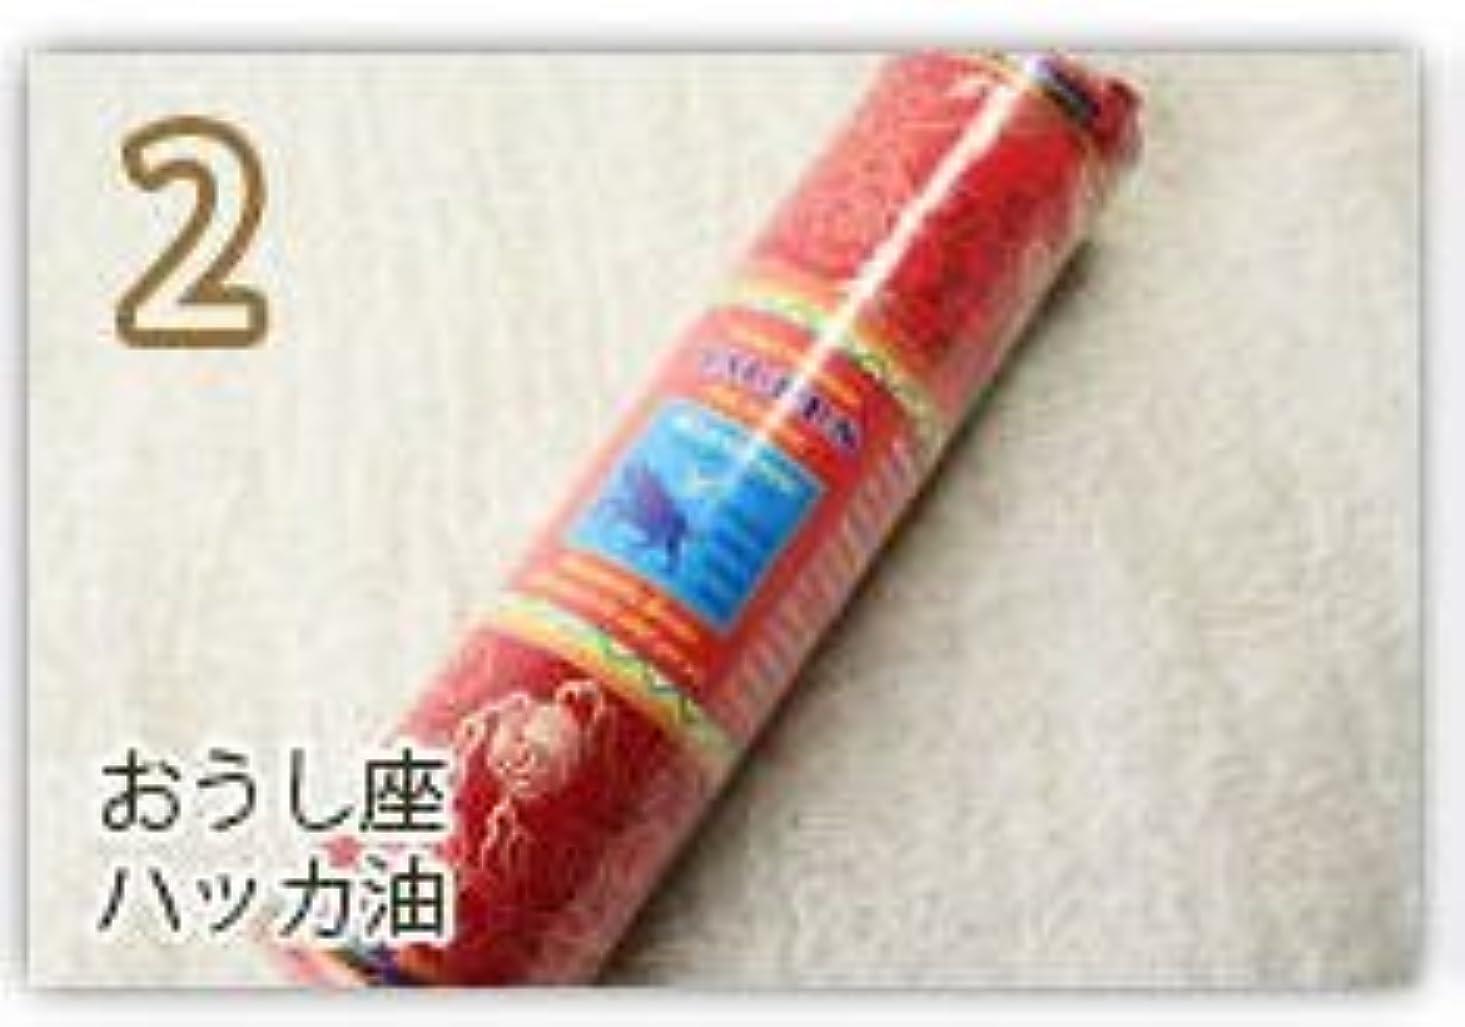 関係借りる毎日12星座別に香りを配合したネパール製お香 ホロスコープインセンス (2.Taurus (おうし座))